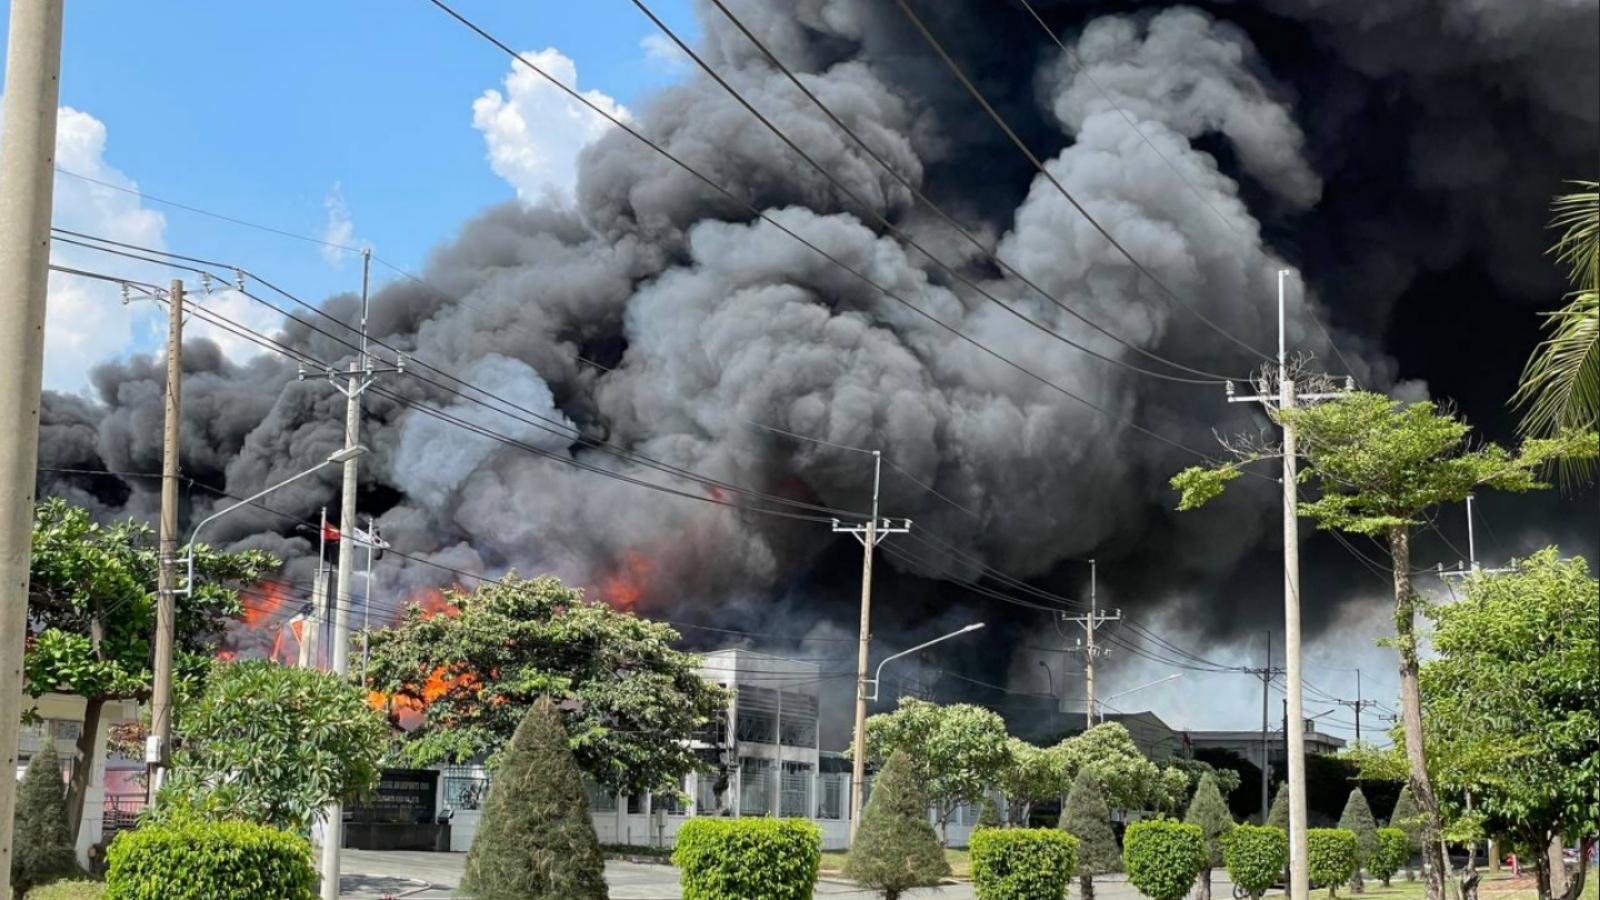 Cháy dữ dội tại công ty hóa chất trong KCN Long Bình, Đồng Nai